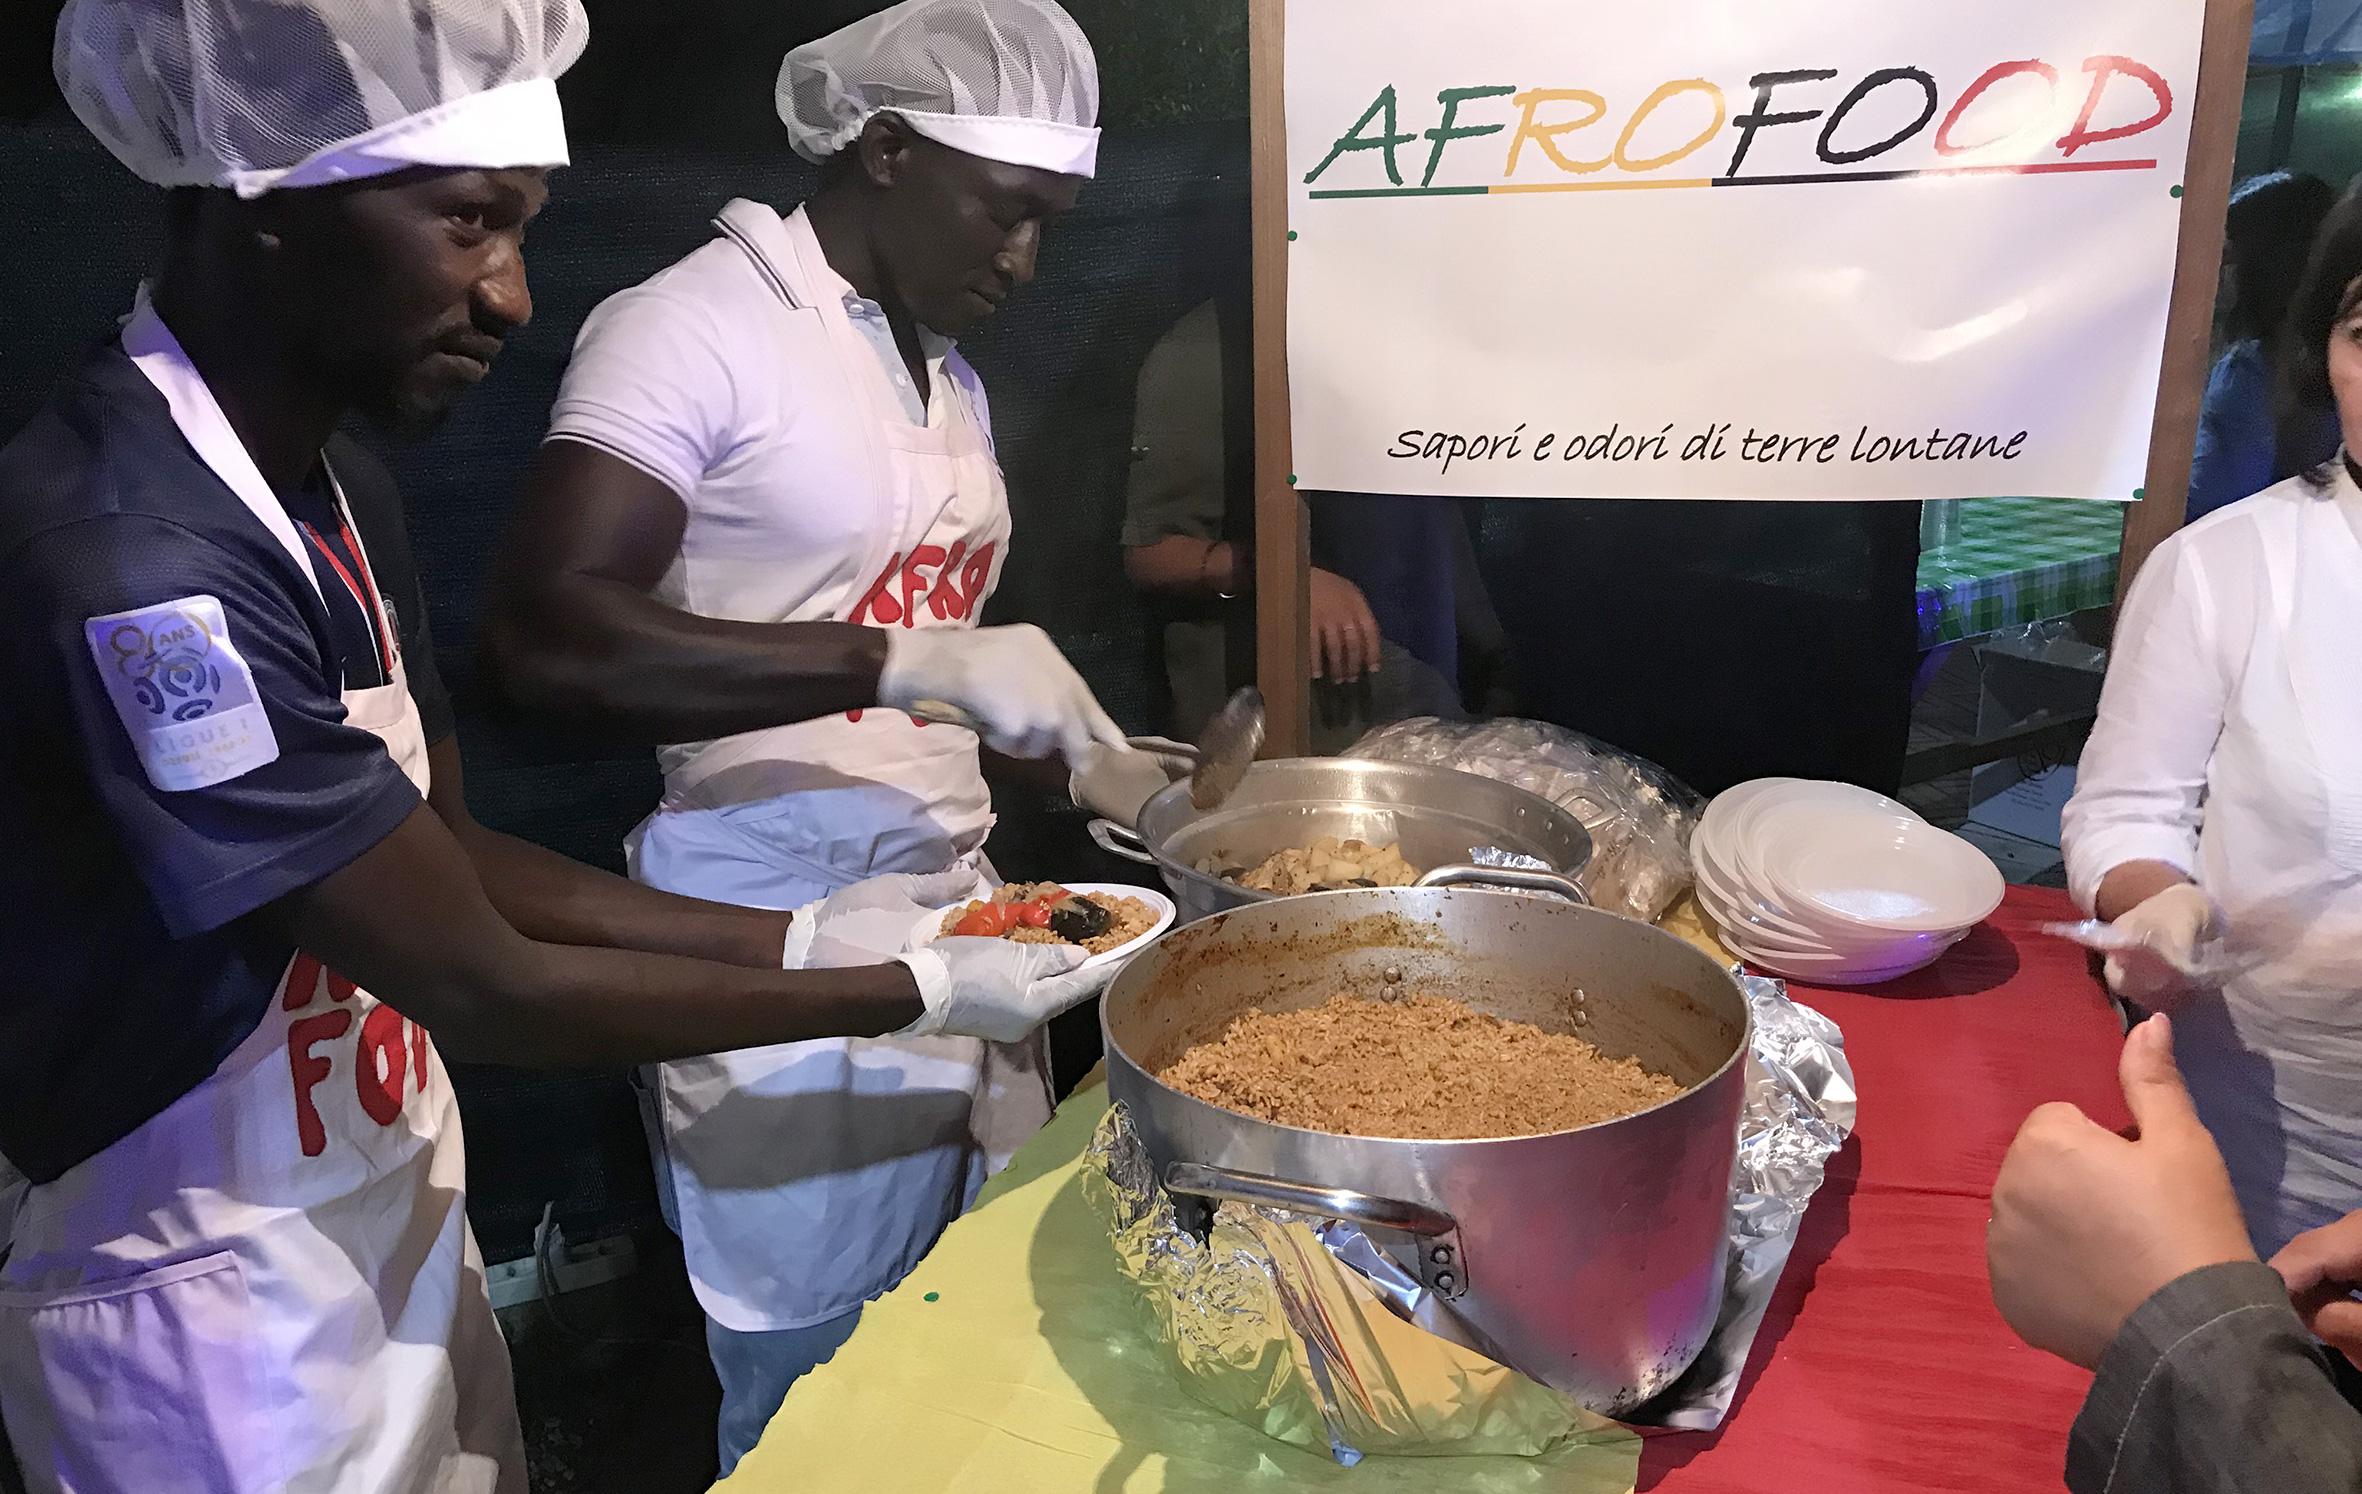 AFROFOOD, colori e sapori di terre lontane: il cibo come linguaggio di integrazione tra i Popoli